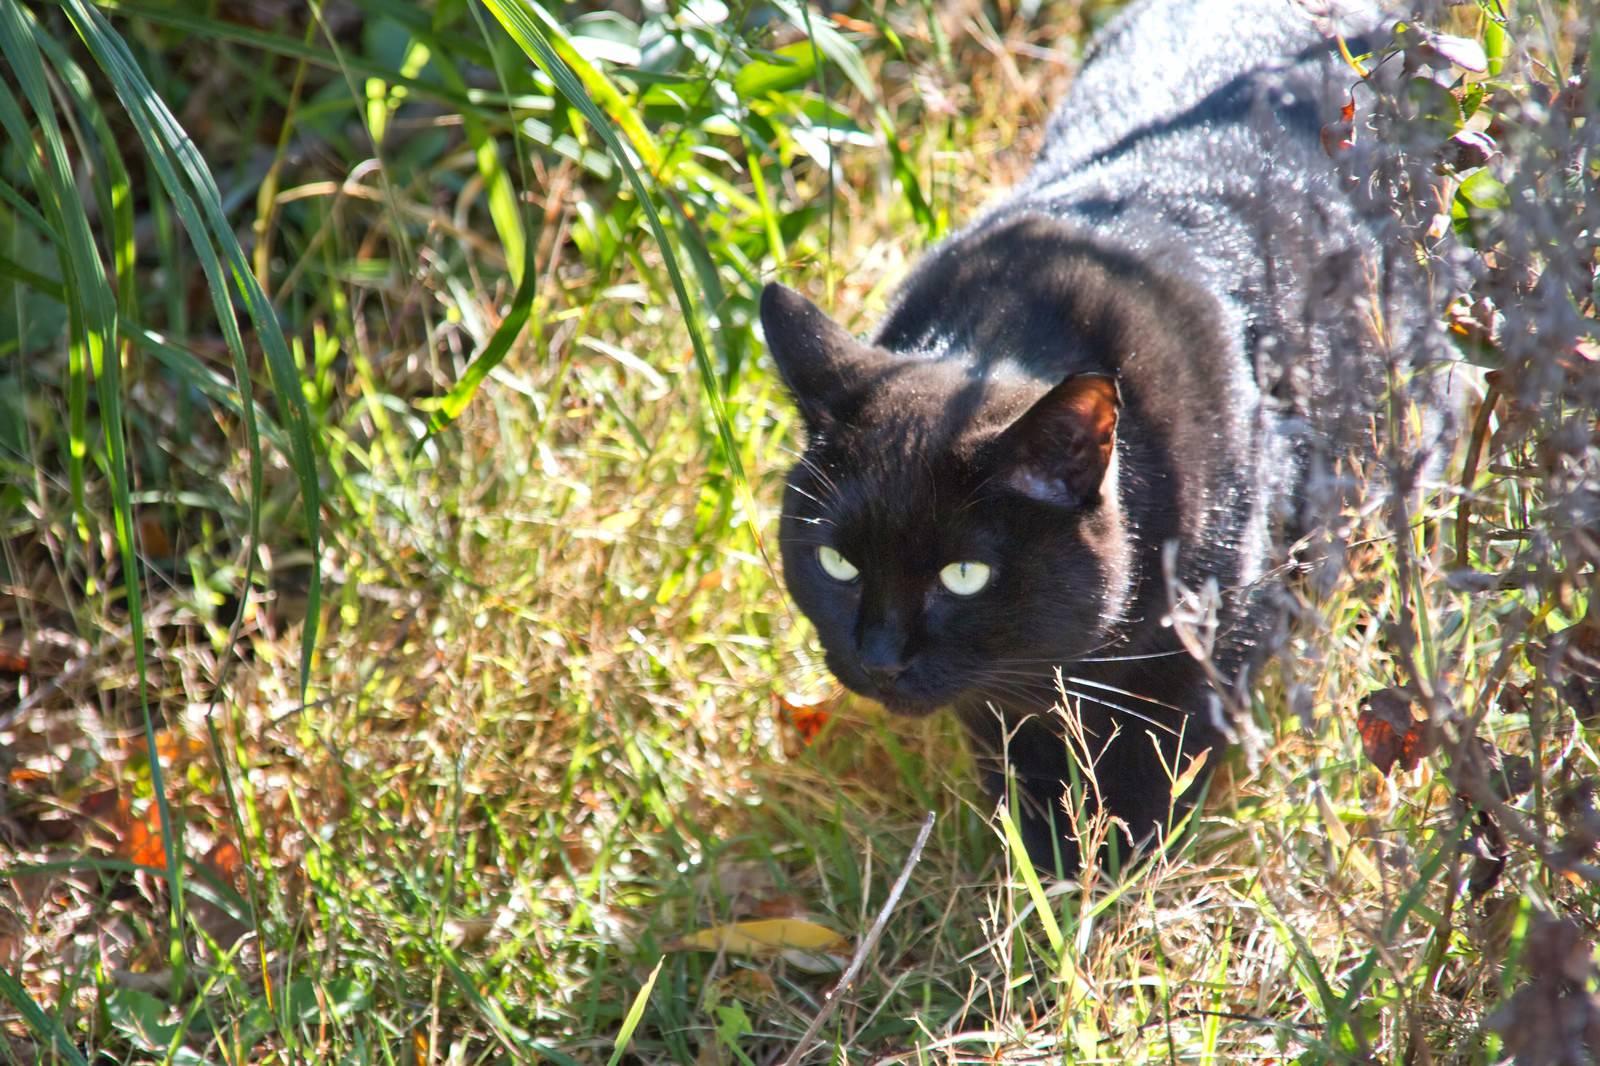 「藪から出てきた黒猫」の写真